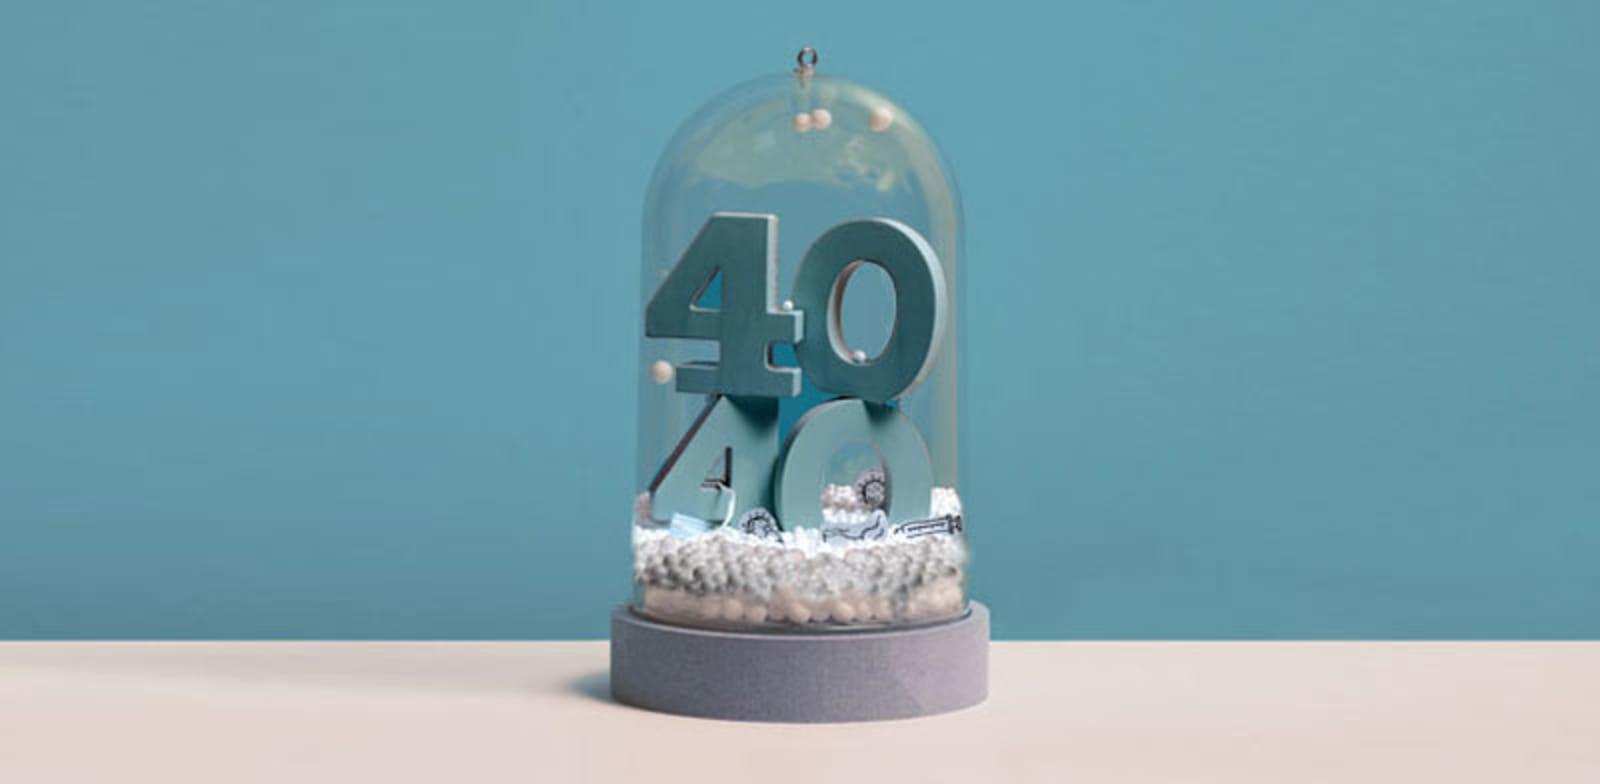 40 הצעירים המבטיחים 2020 / צילום: איל יצהר